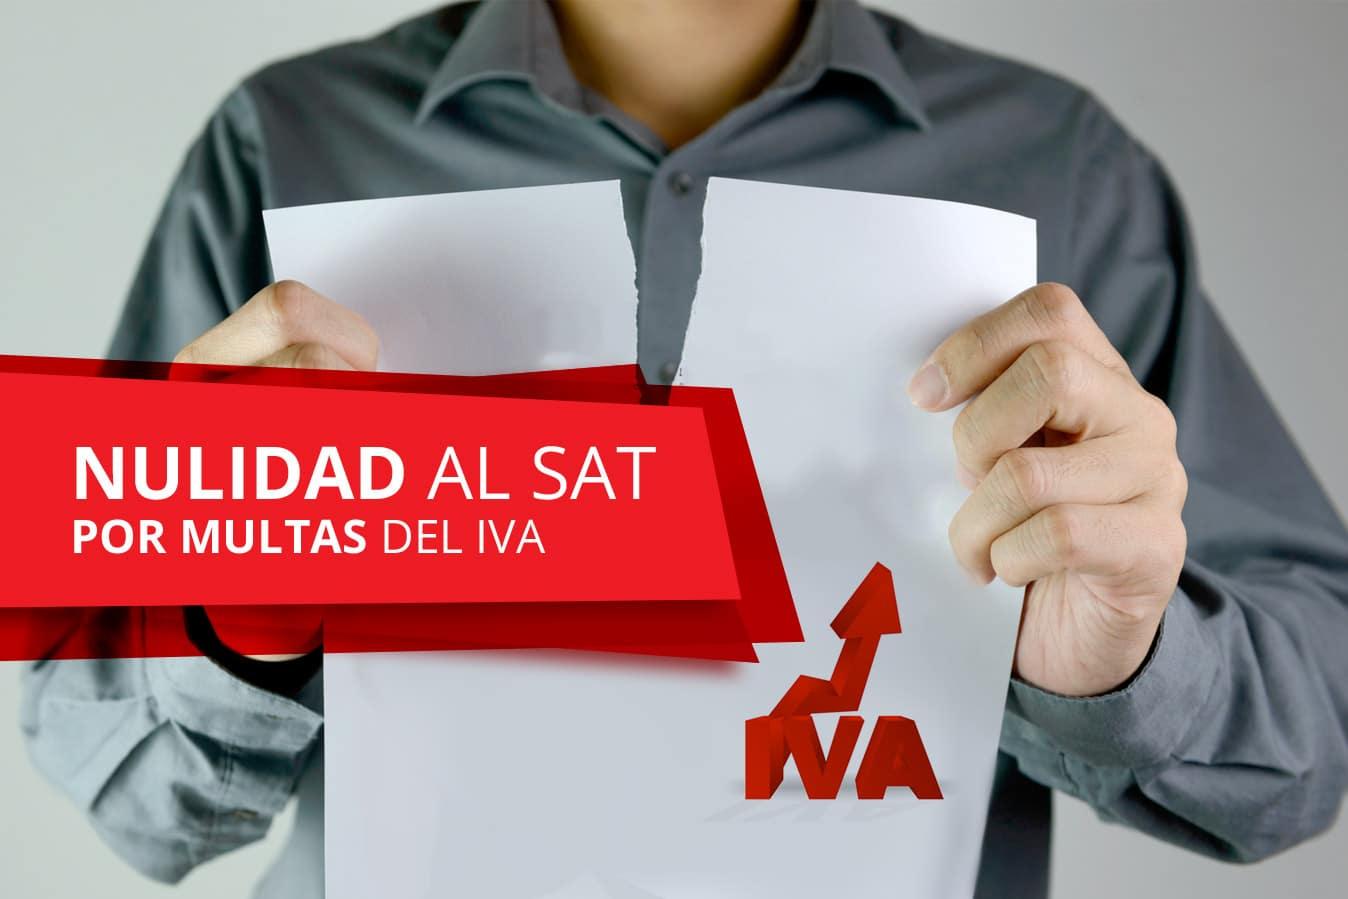 En facultades de comprobación en relación al IVA de pagos provisionales, la sanción por impuestos no declarados, será considerada NULA